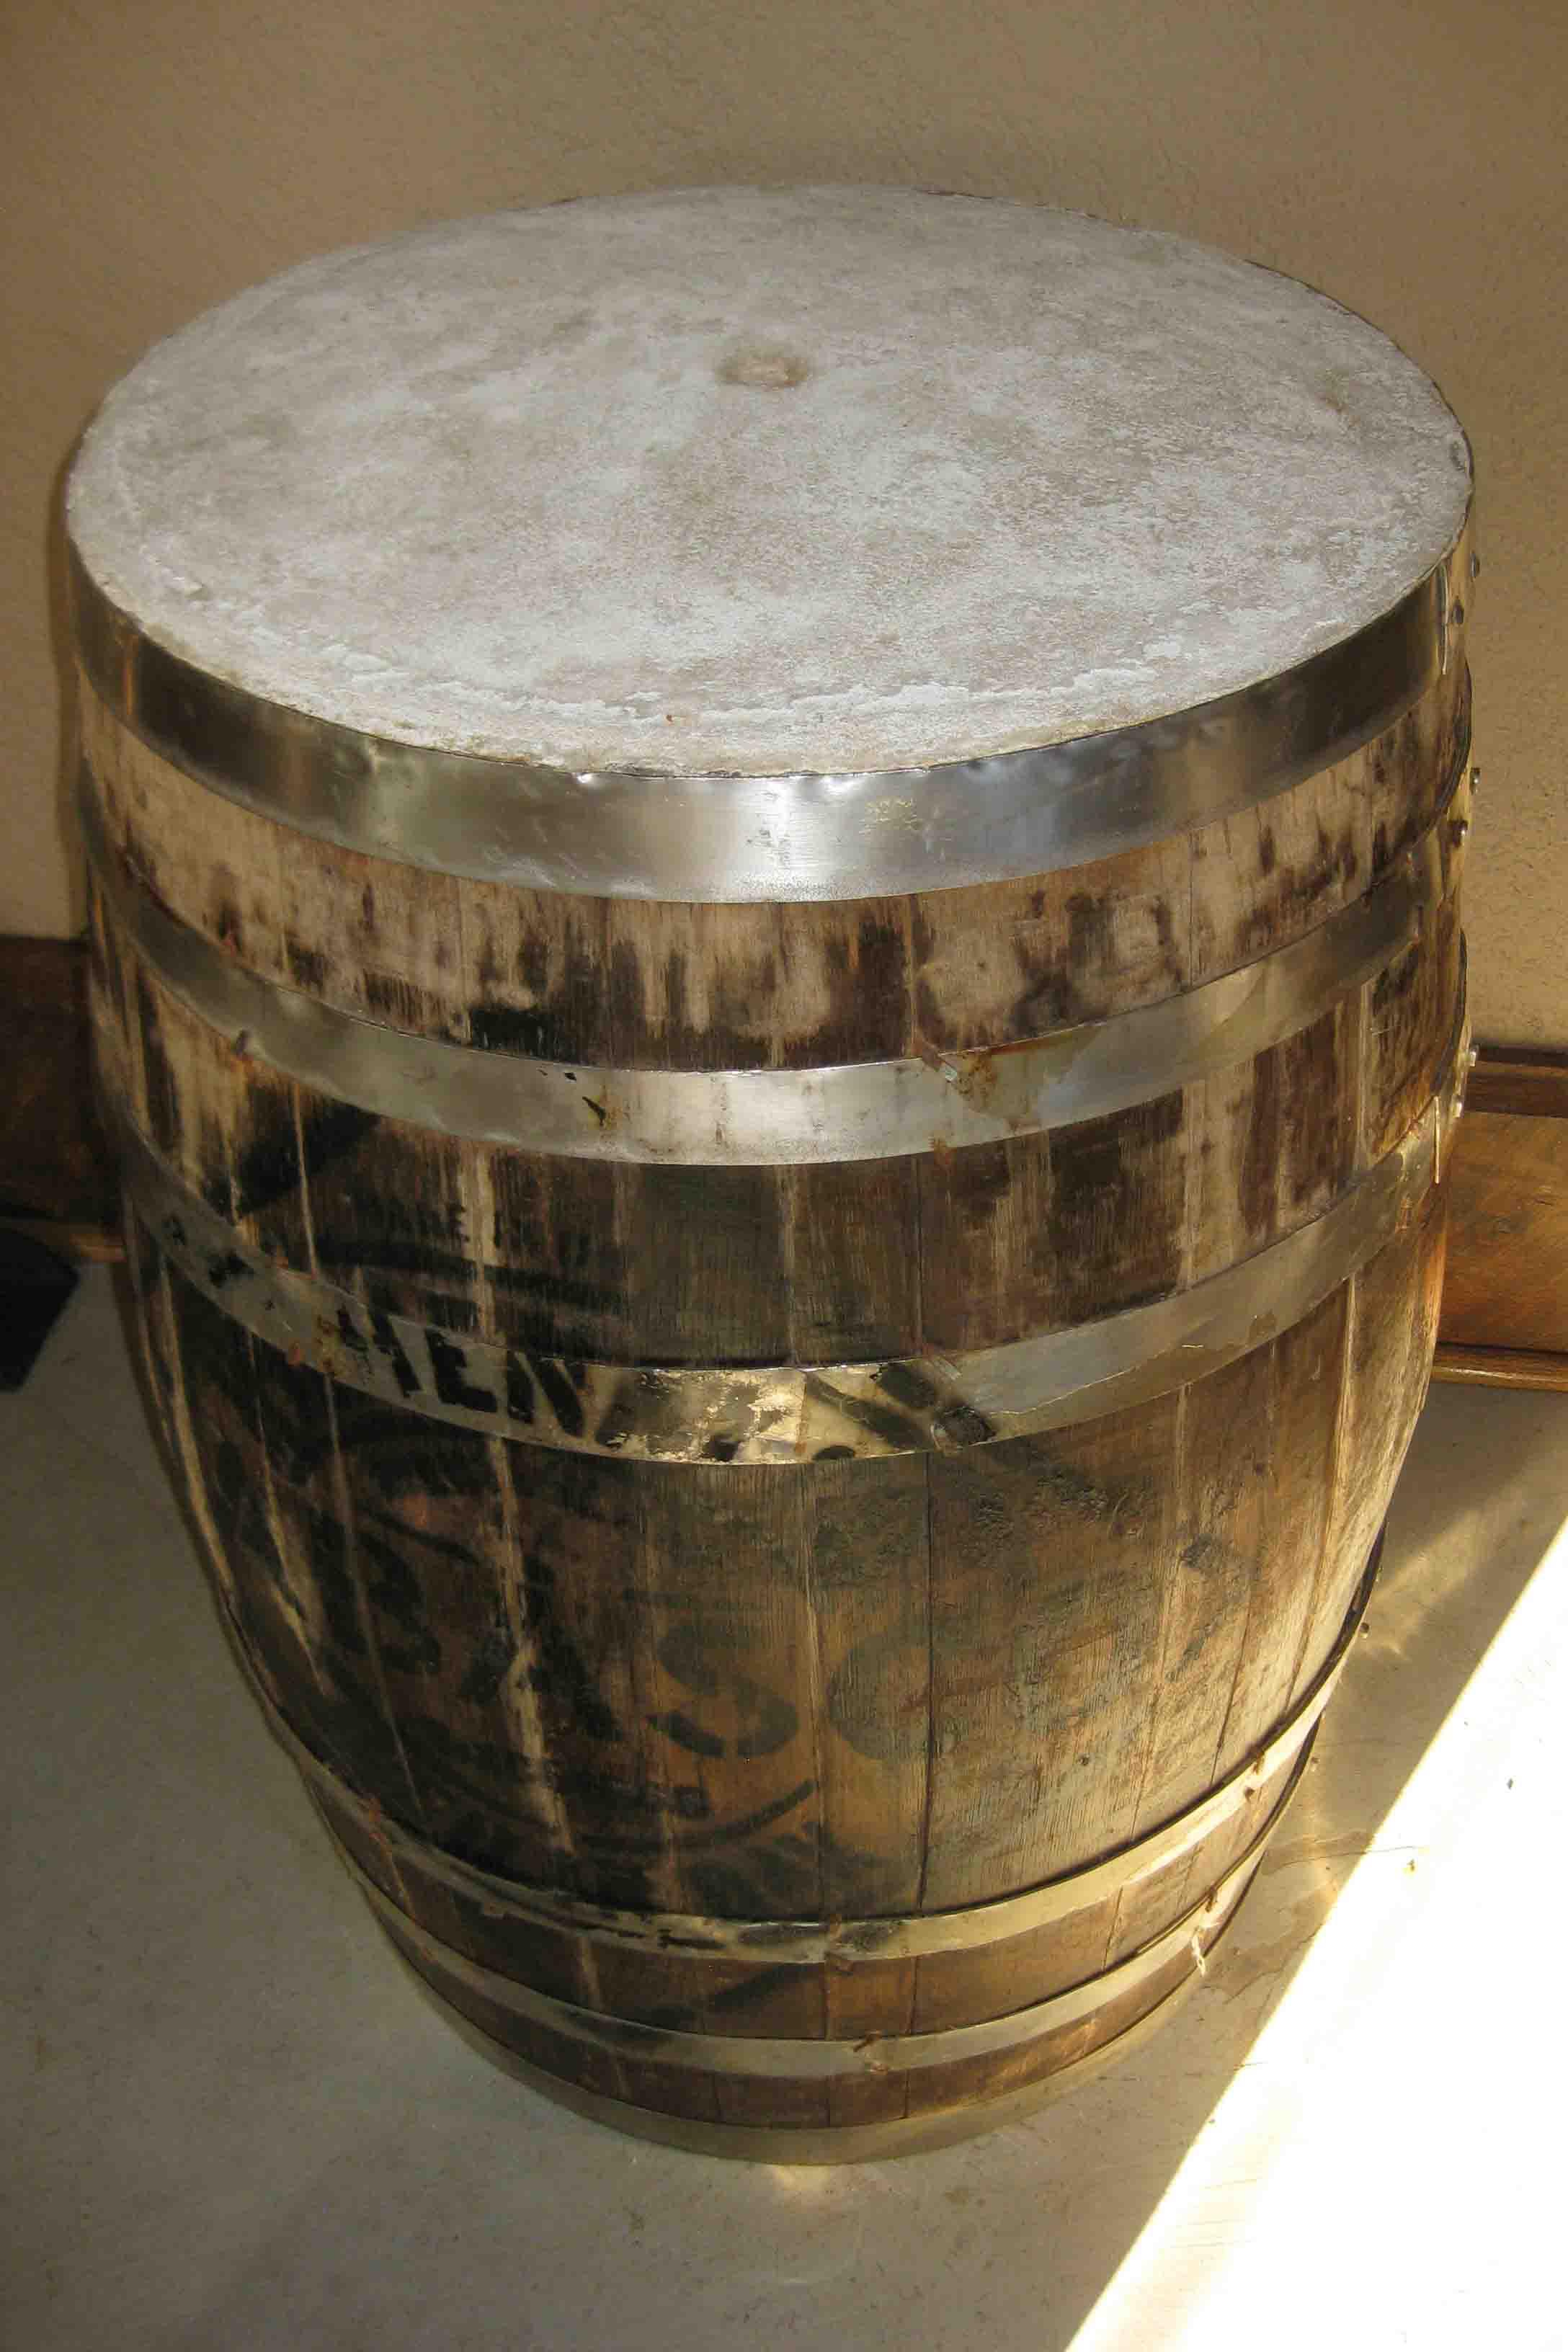 oak barrel at tabasco on avery island, louisiana